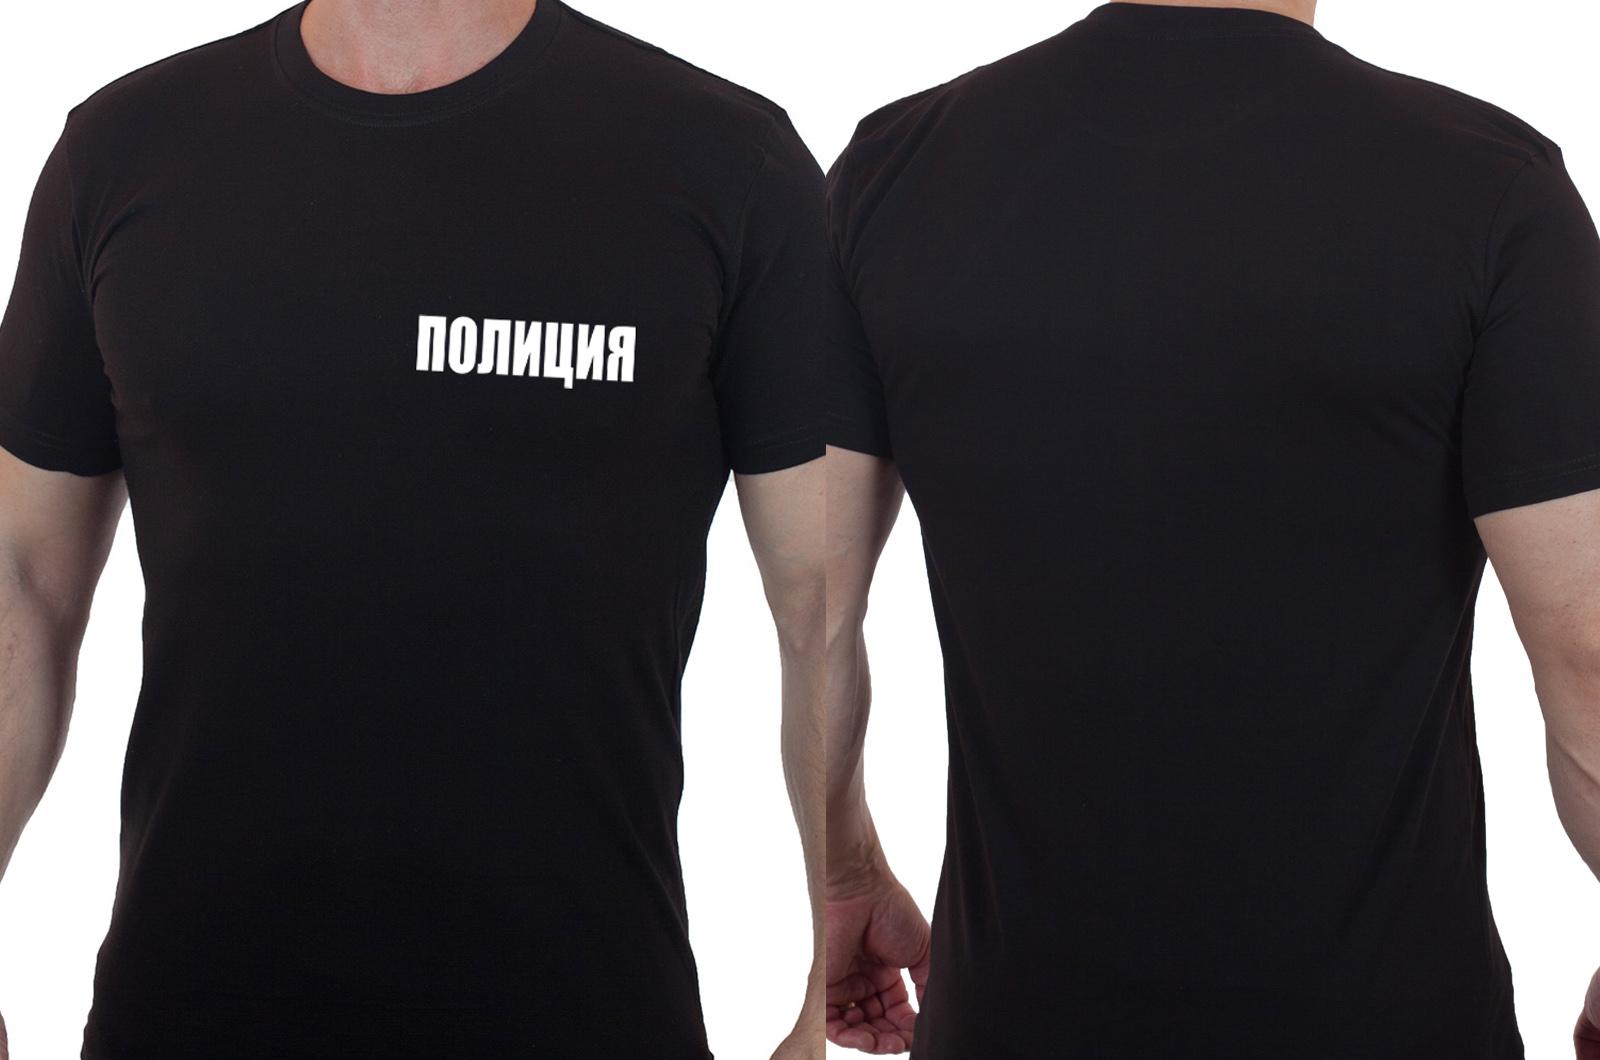 Лаконичная мужская футболка Полиция - купить в подарок